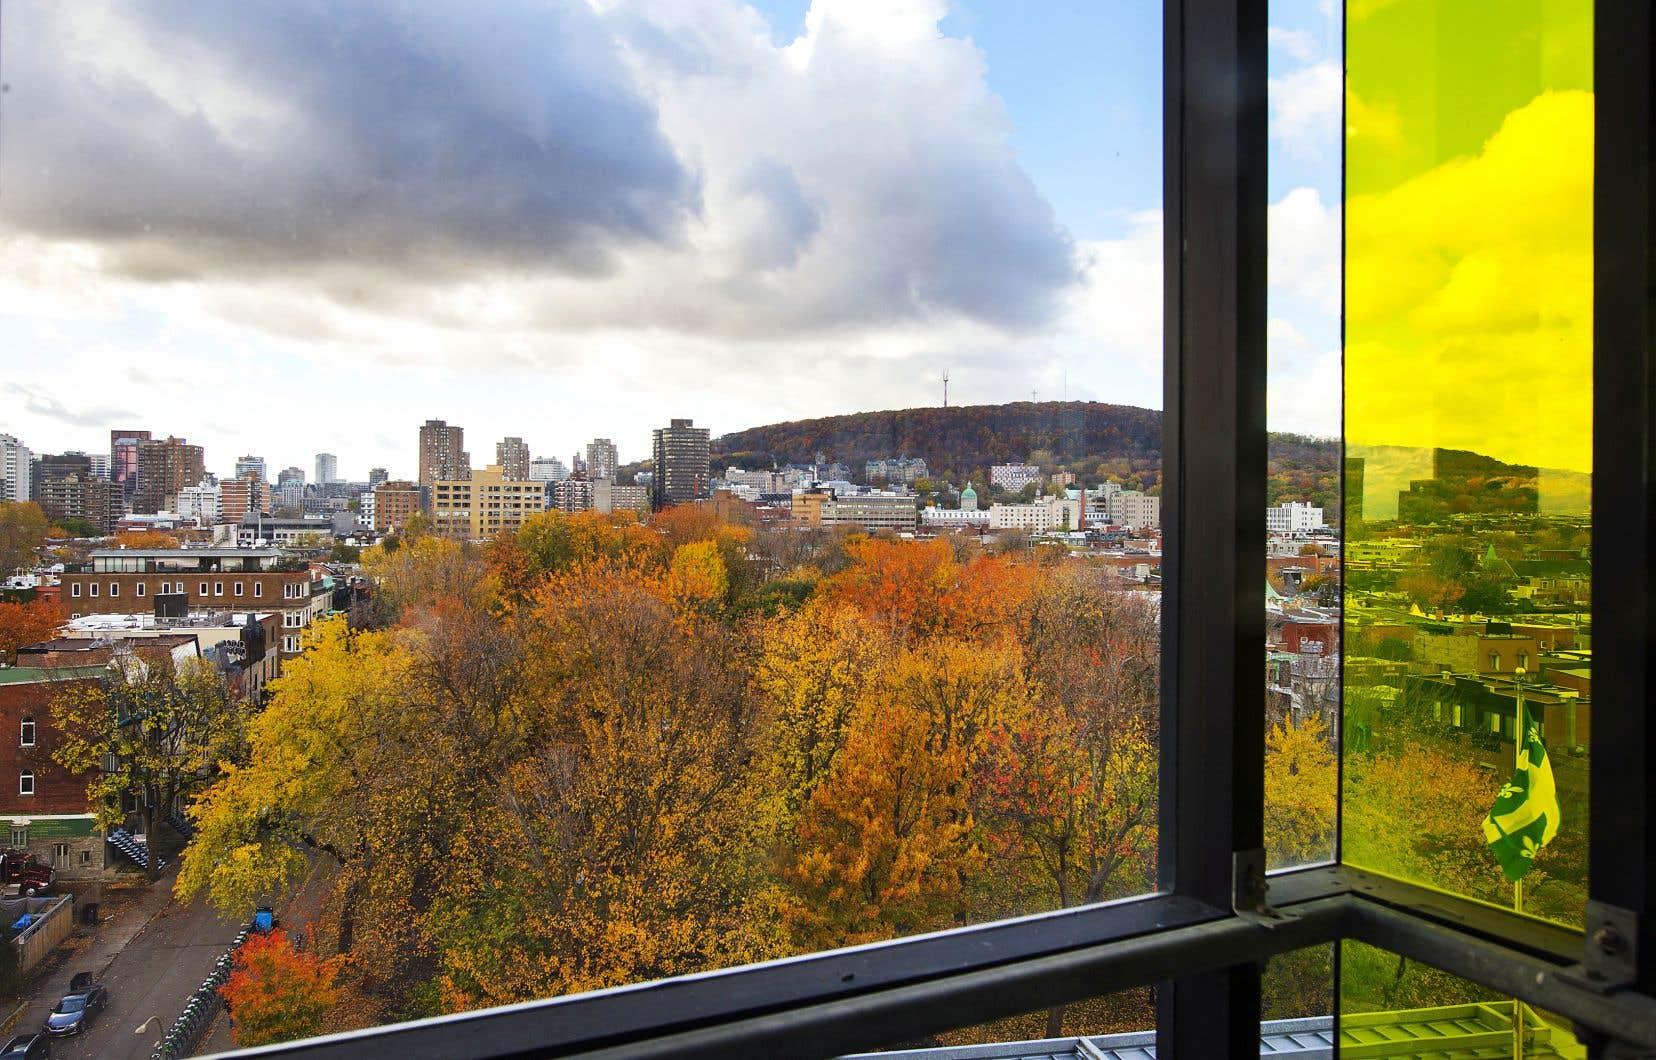 Le Québec et le Canada profitent de l'avantage que leur confèrent une fiscalité des entreprises compétitive, un taux de change relativement bas et souvent des crédits de taxes des gouvernements, remarque François Boulanger.